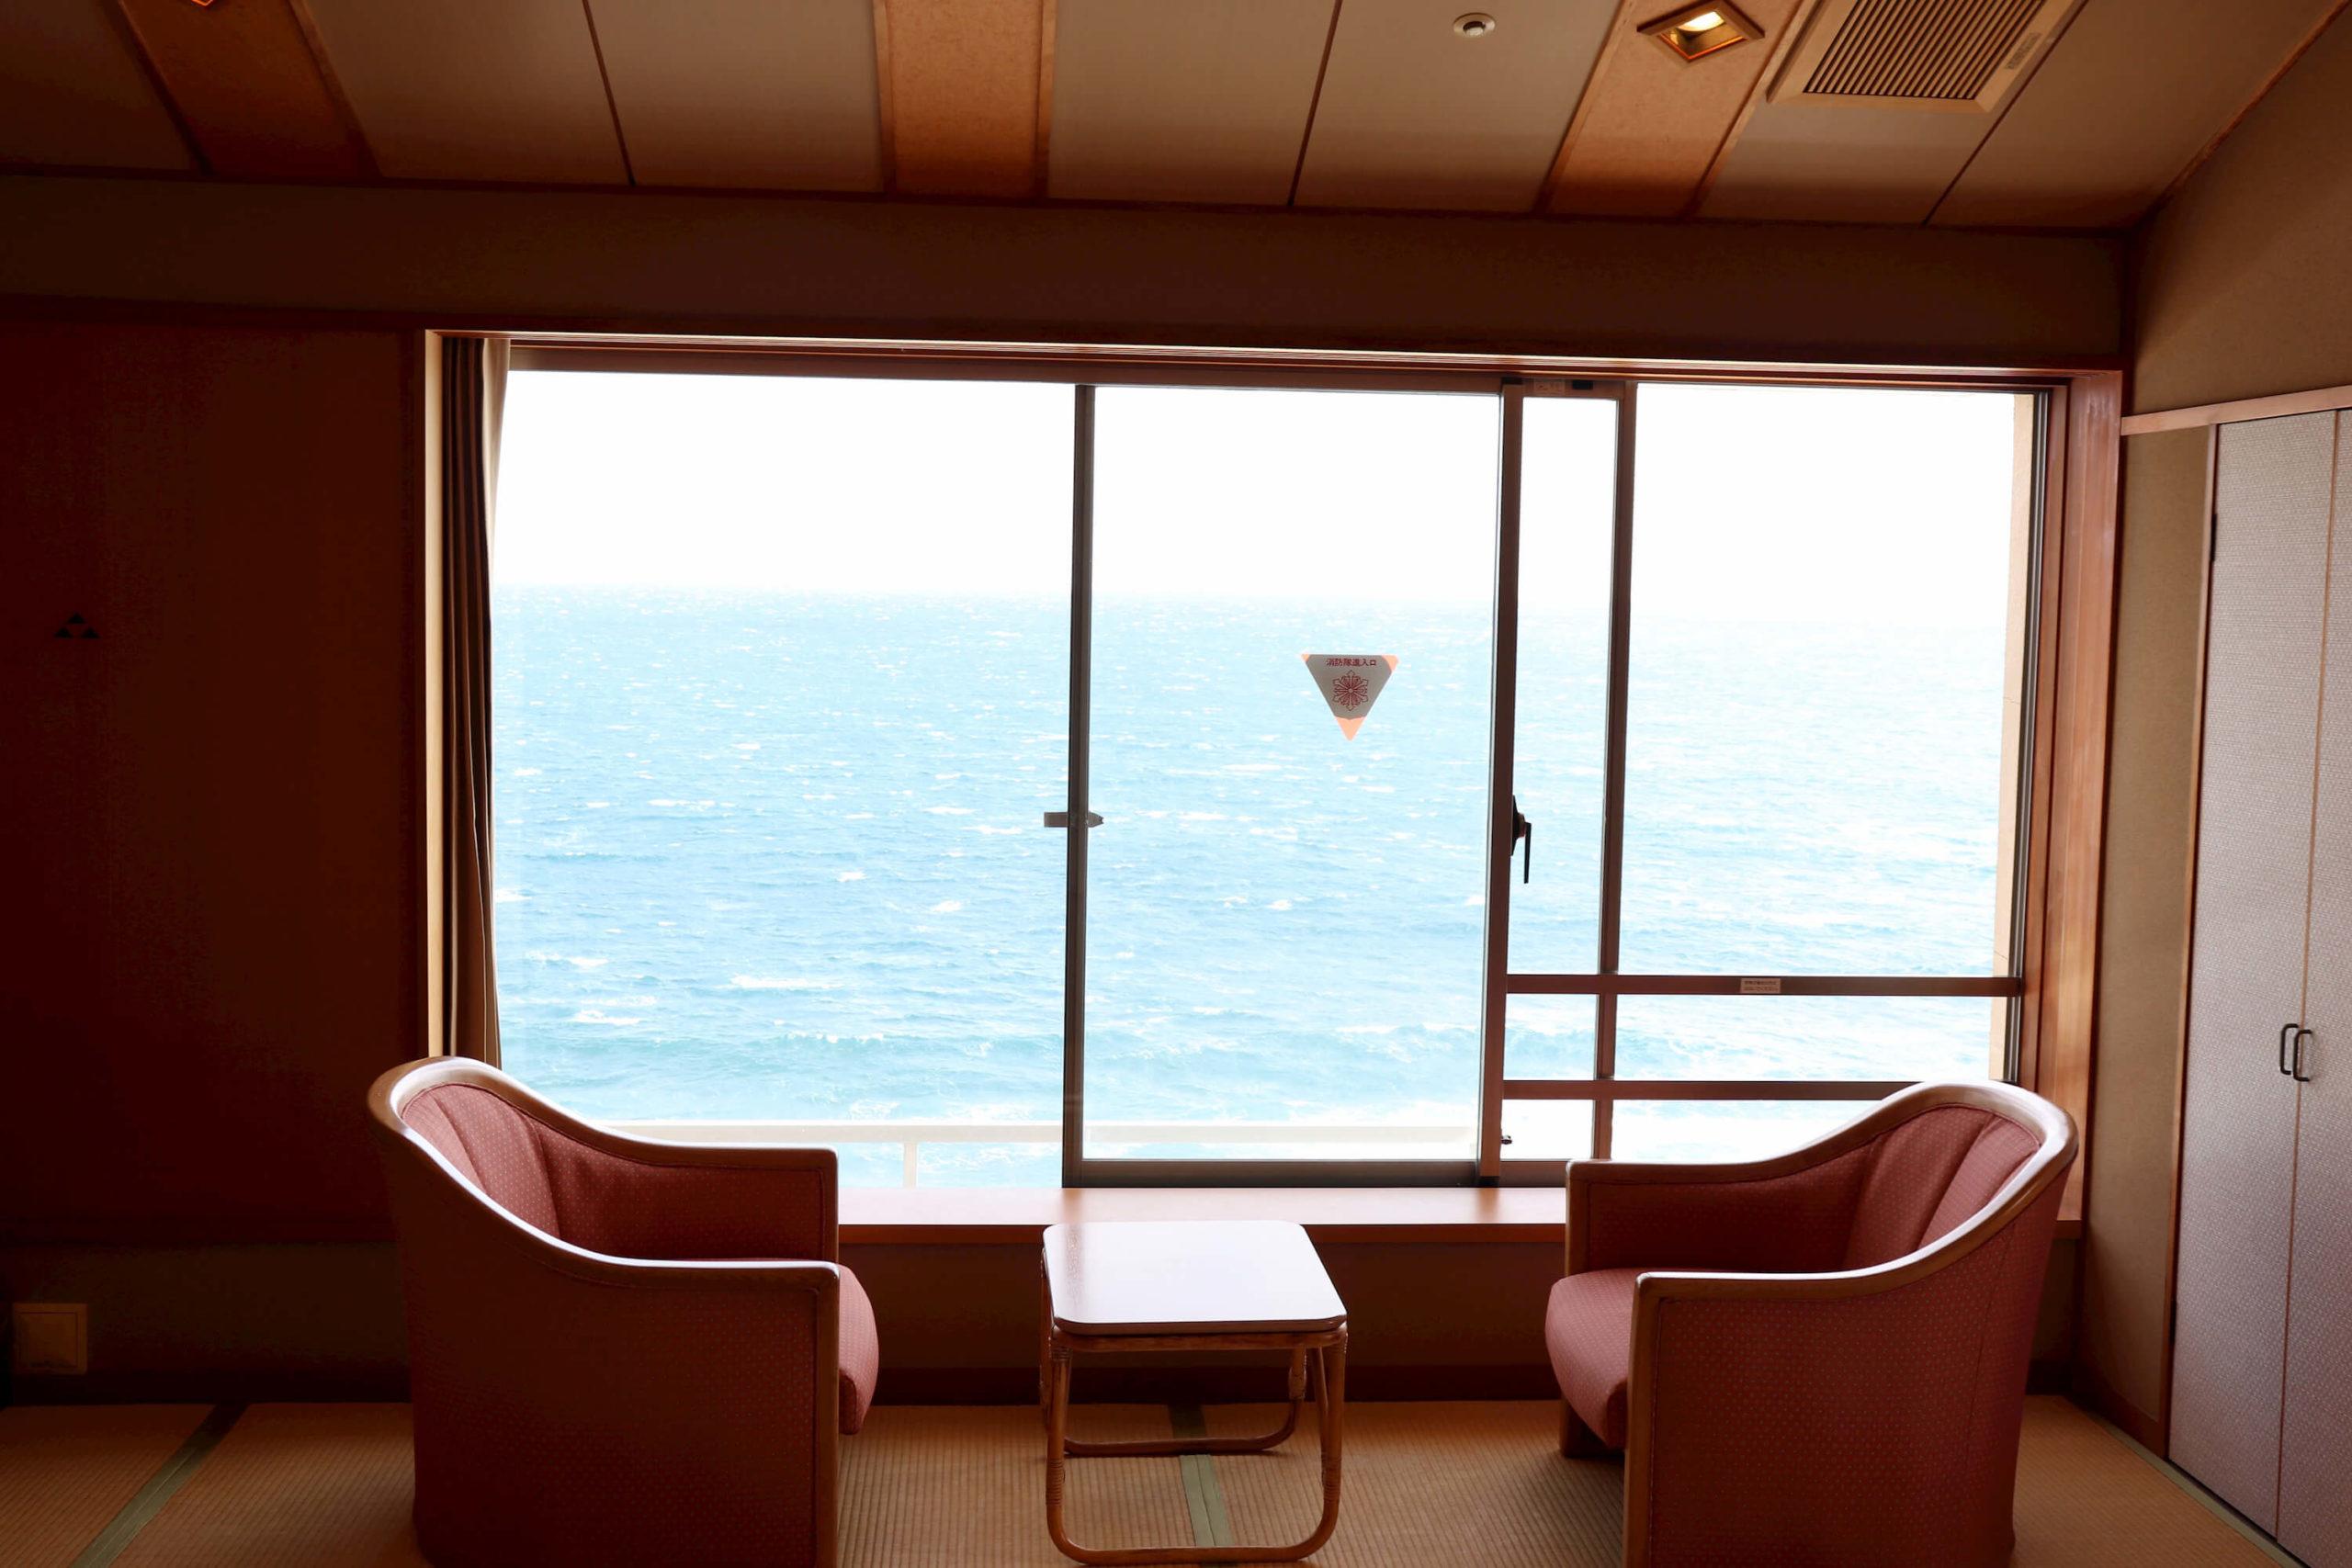 浜の湯の客室と相模湾